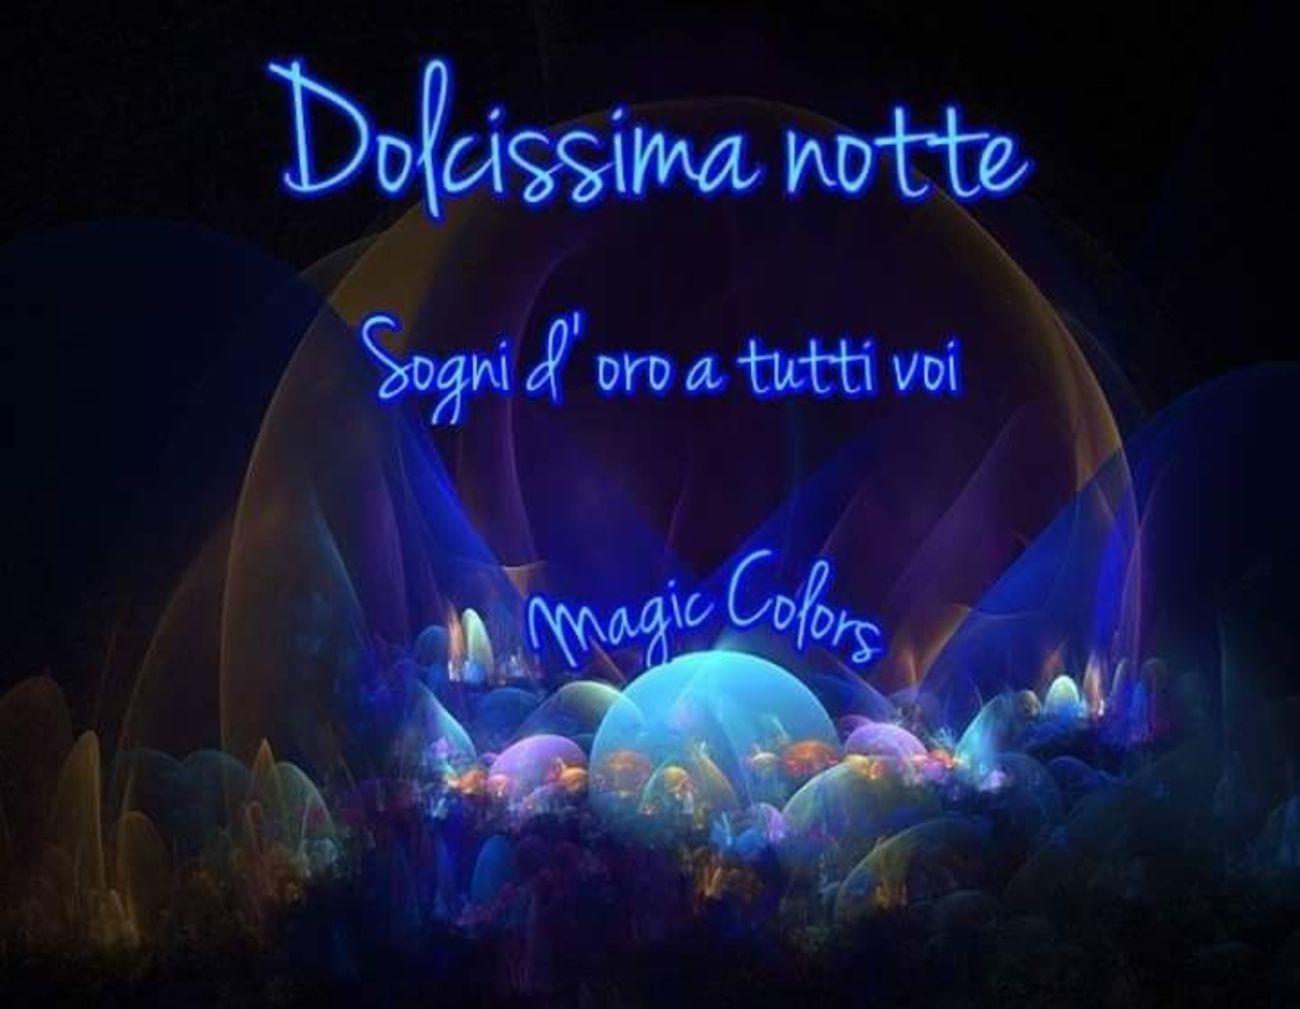 Buonanotte Con Dio Immagini Da Condividere Gratis 8566 Gesutiama It